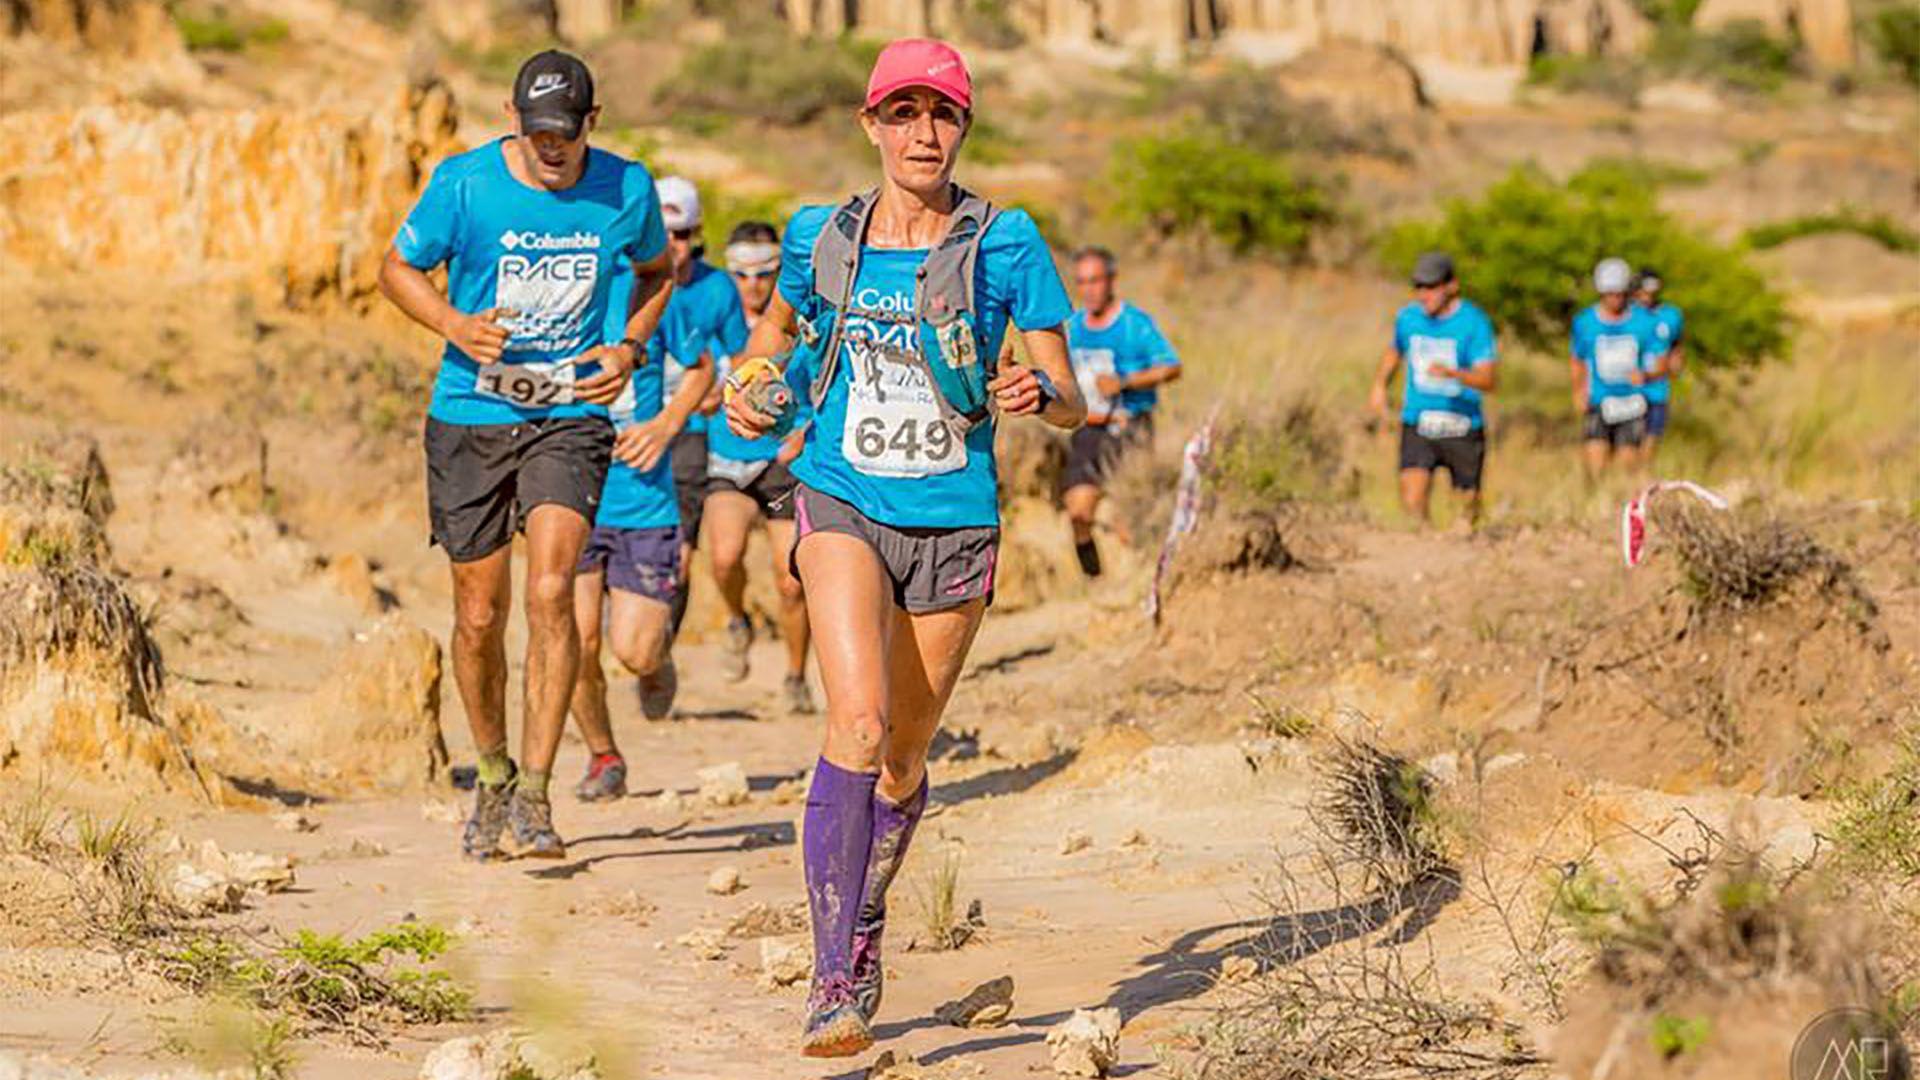 La Corrientes Race Columbia tiene tres distancias (Foto: Facebook)